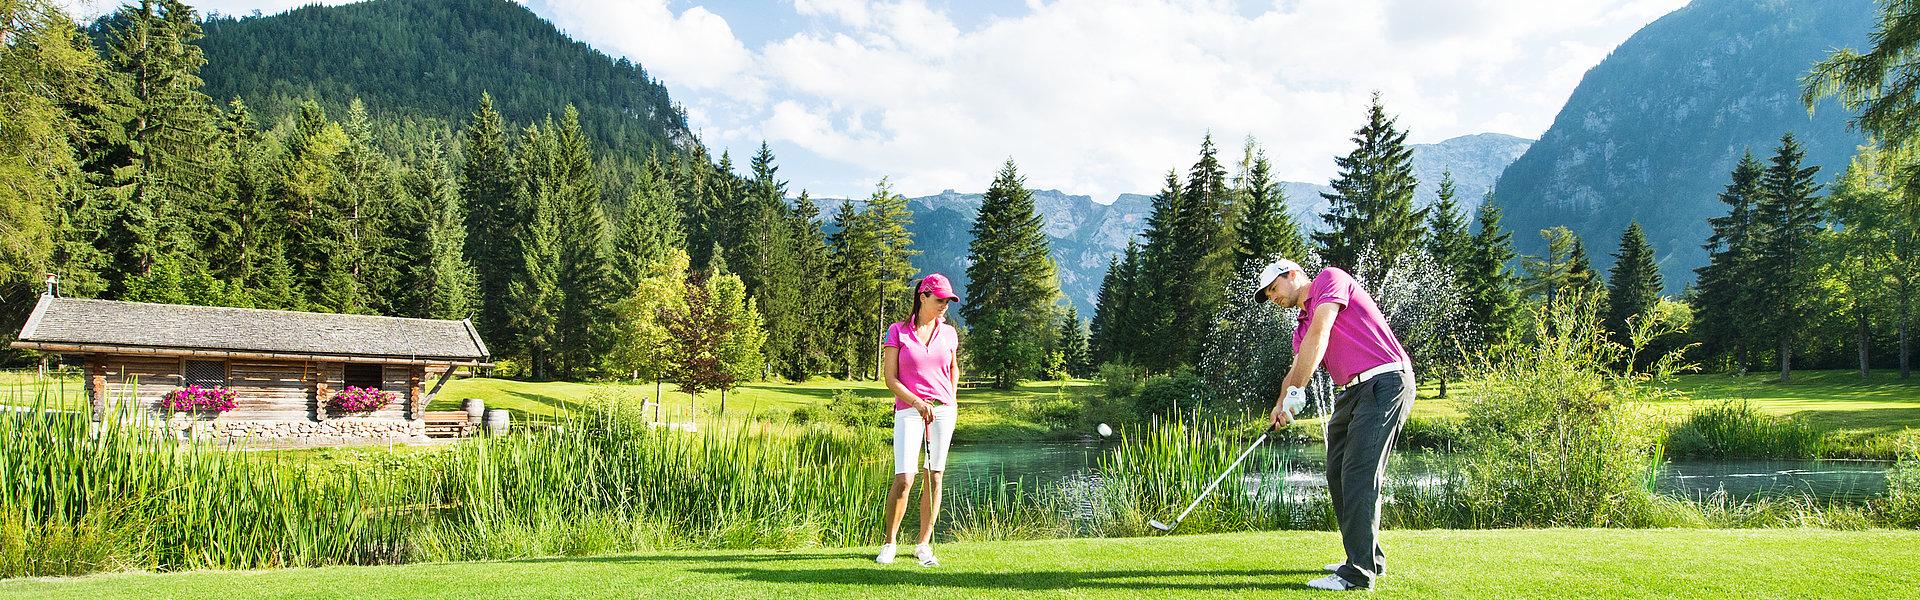 Golfen am Achensee | © Achensee Tourismus